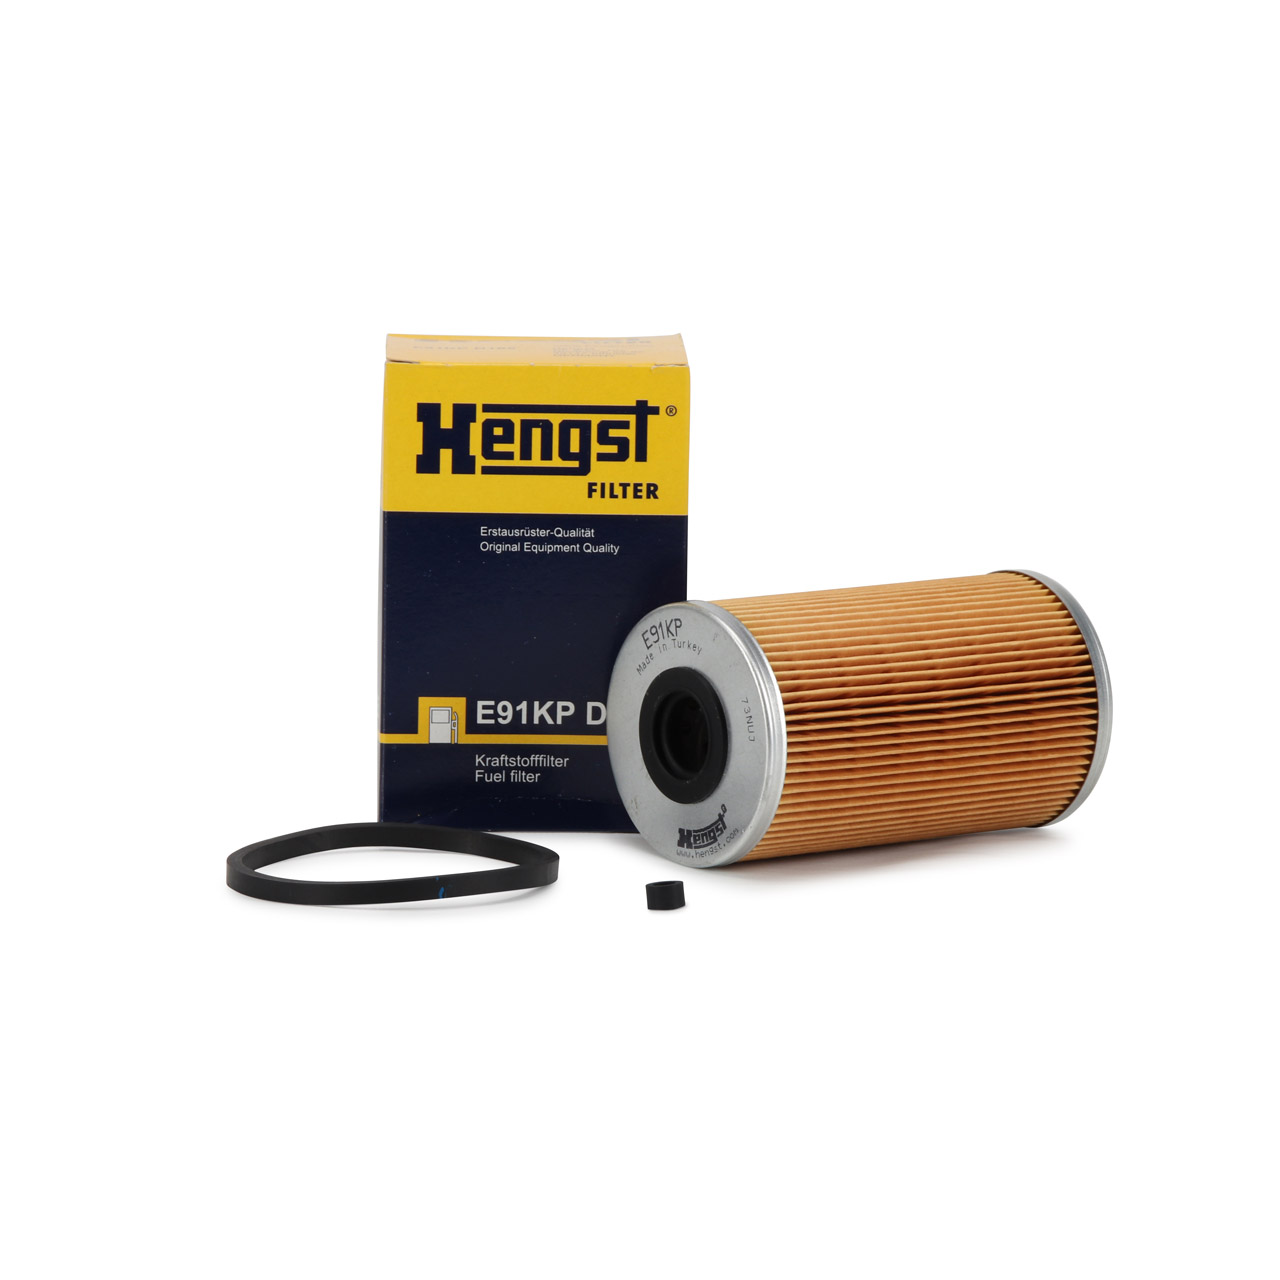 HENGST E91KPD165 Kraftstofffilter für OPEL MOVANO VIVARO RENAULT MASTER TRAFIC